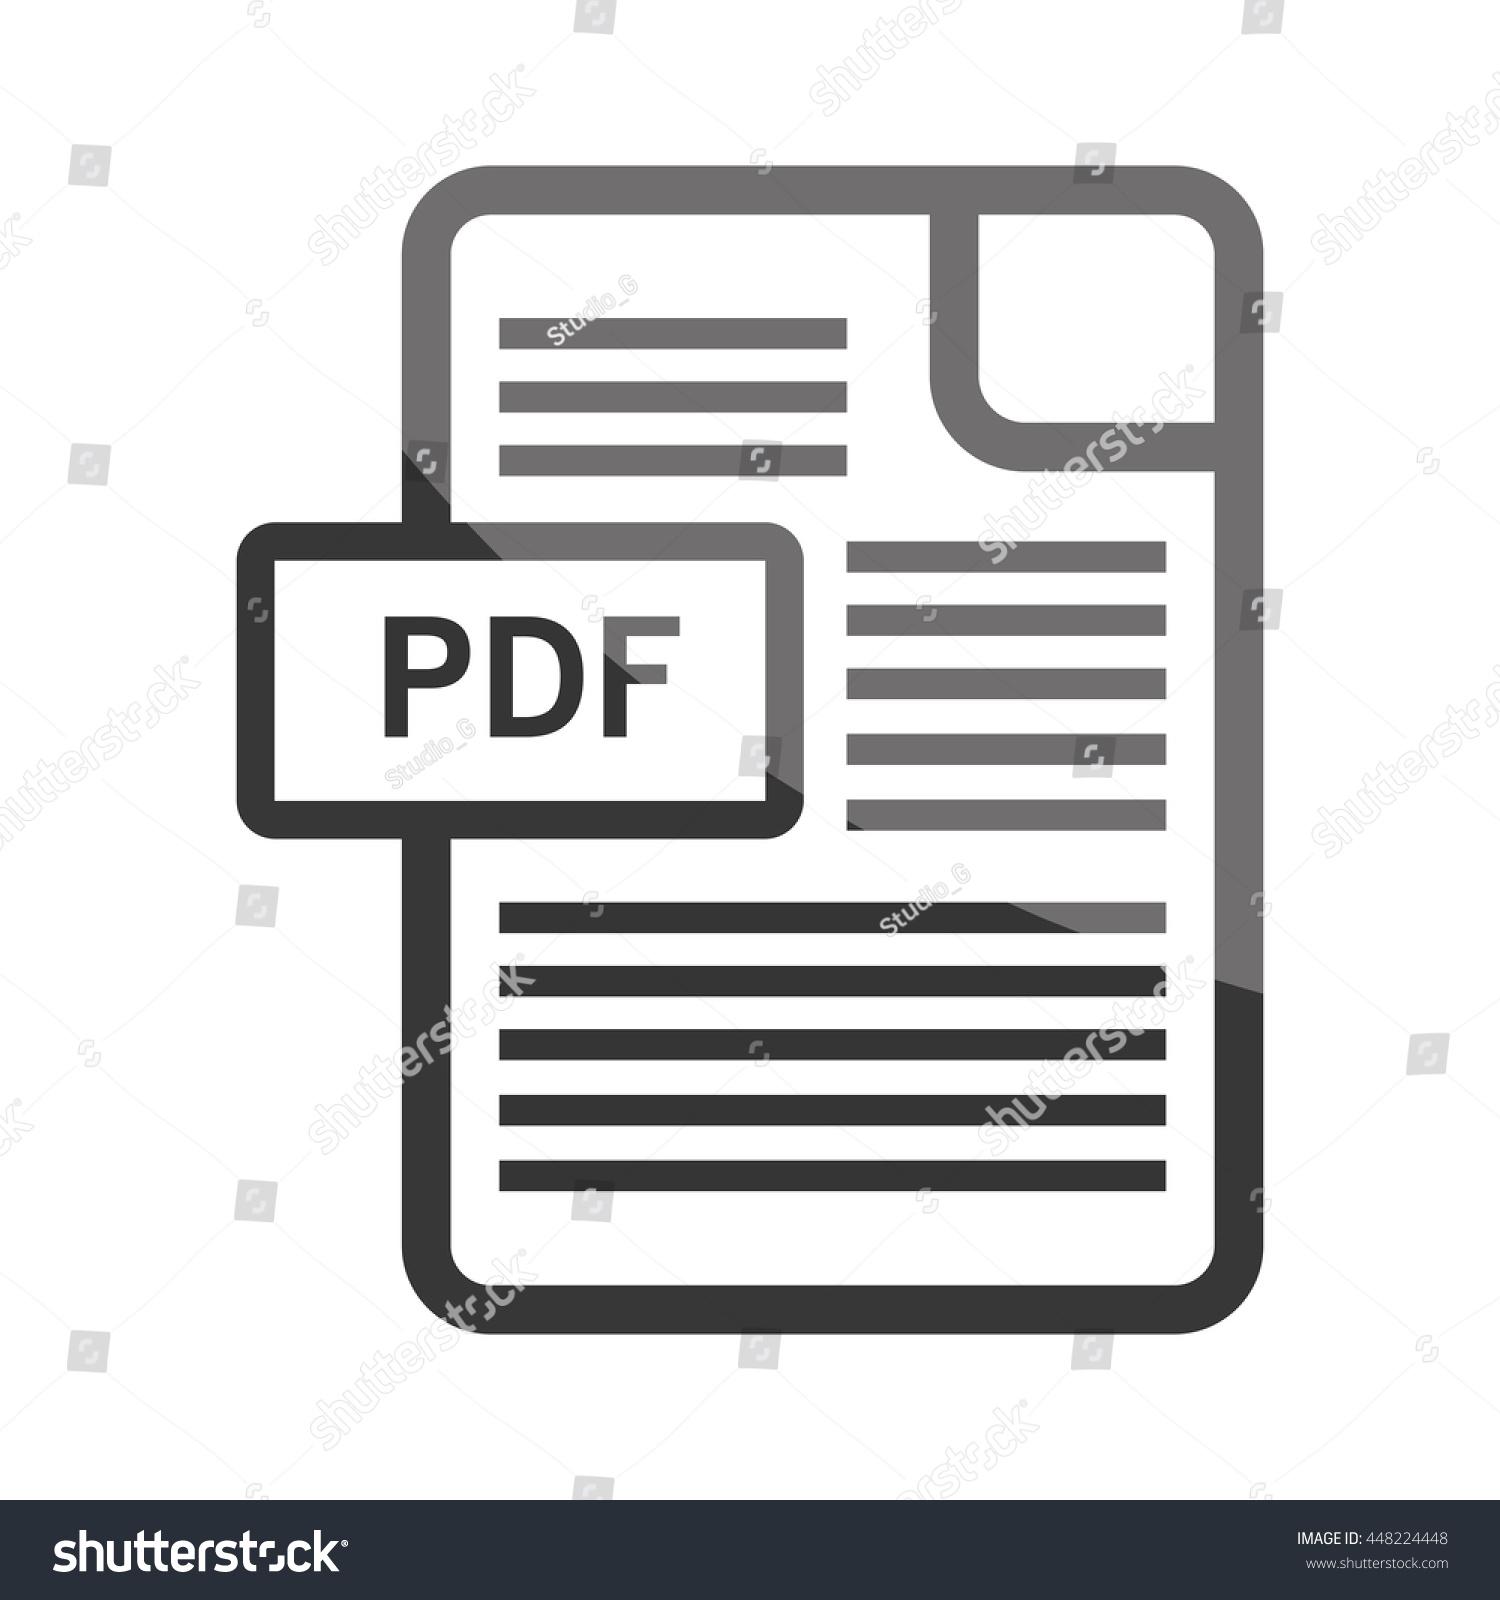 ebook praxishandbuch projektmanagement strukturpläne einfach erstellen abläufe professionell steuern projekte erfolgreich zum abschluss